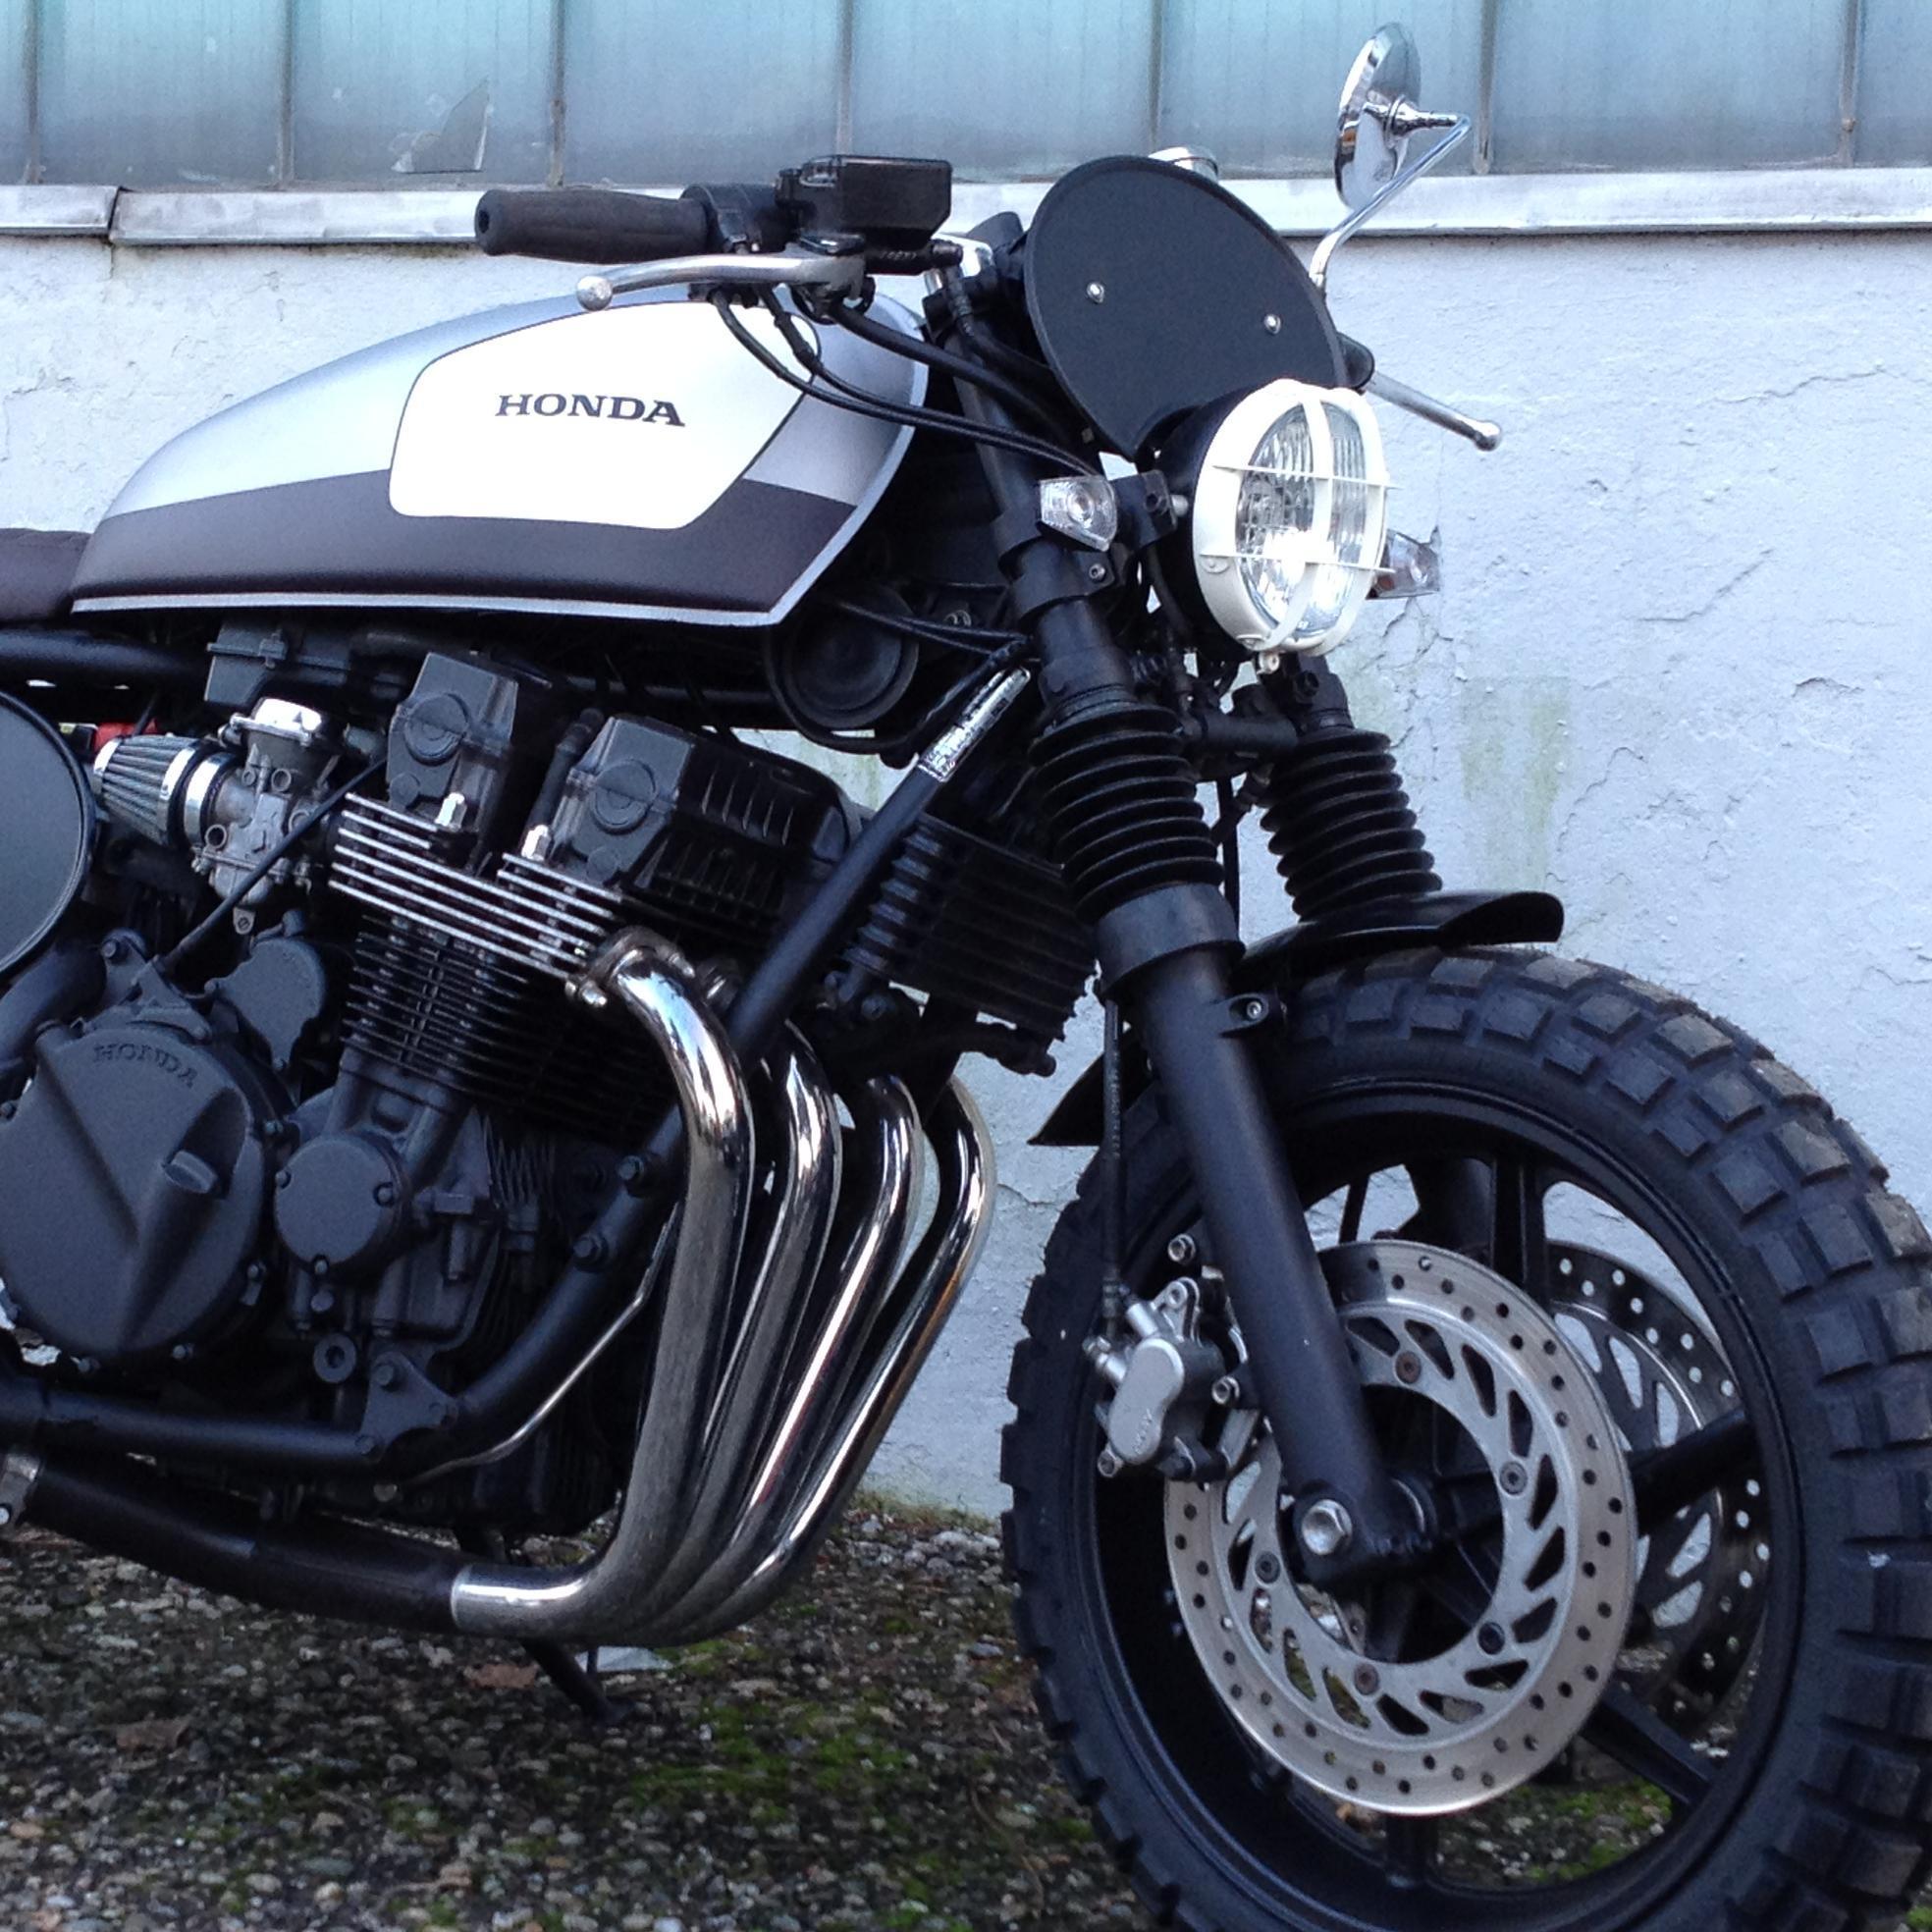 Aniba Motorcycles On Twitter Hotsummer Honda Cb650 Nighthawk